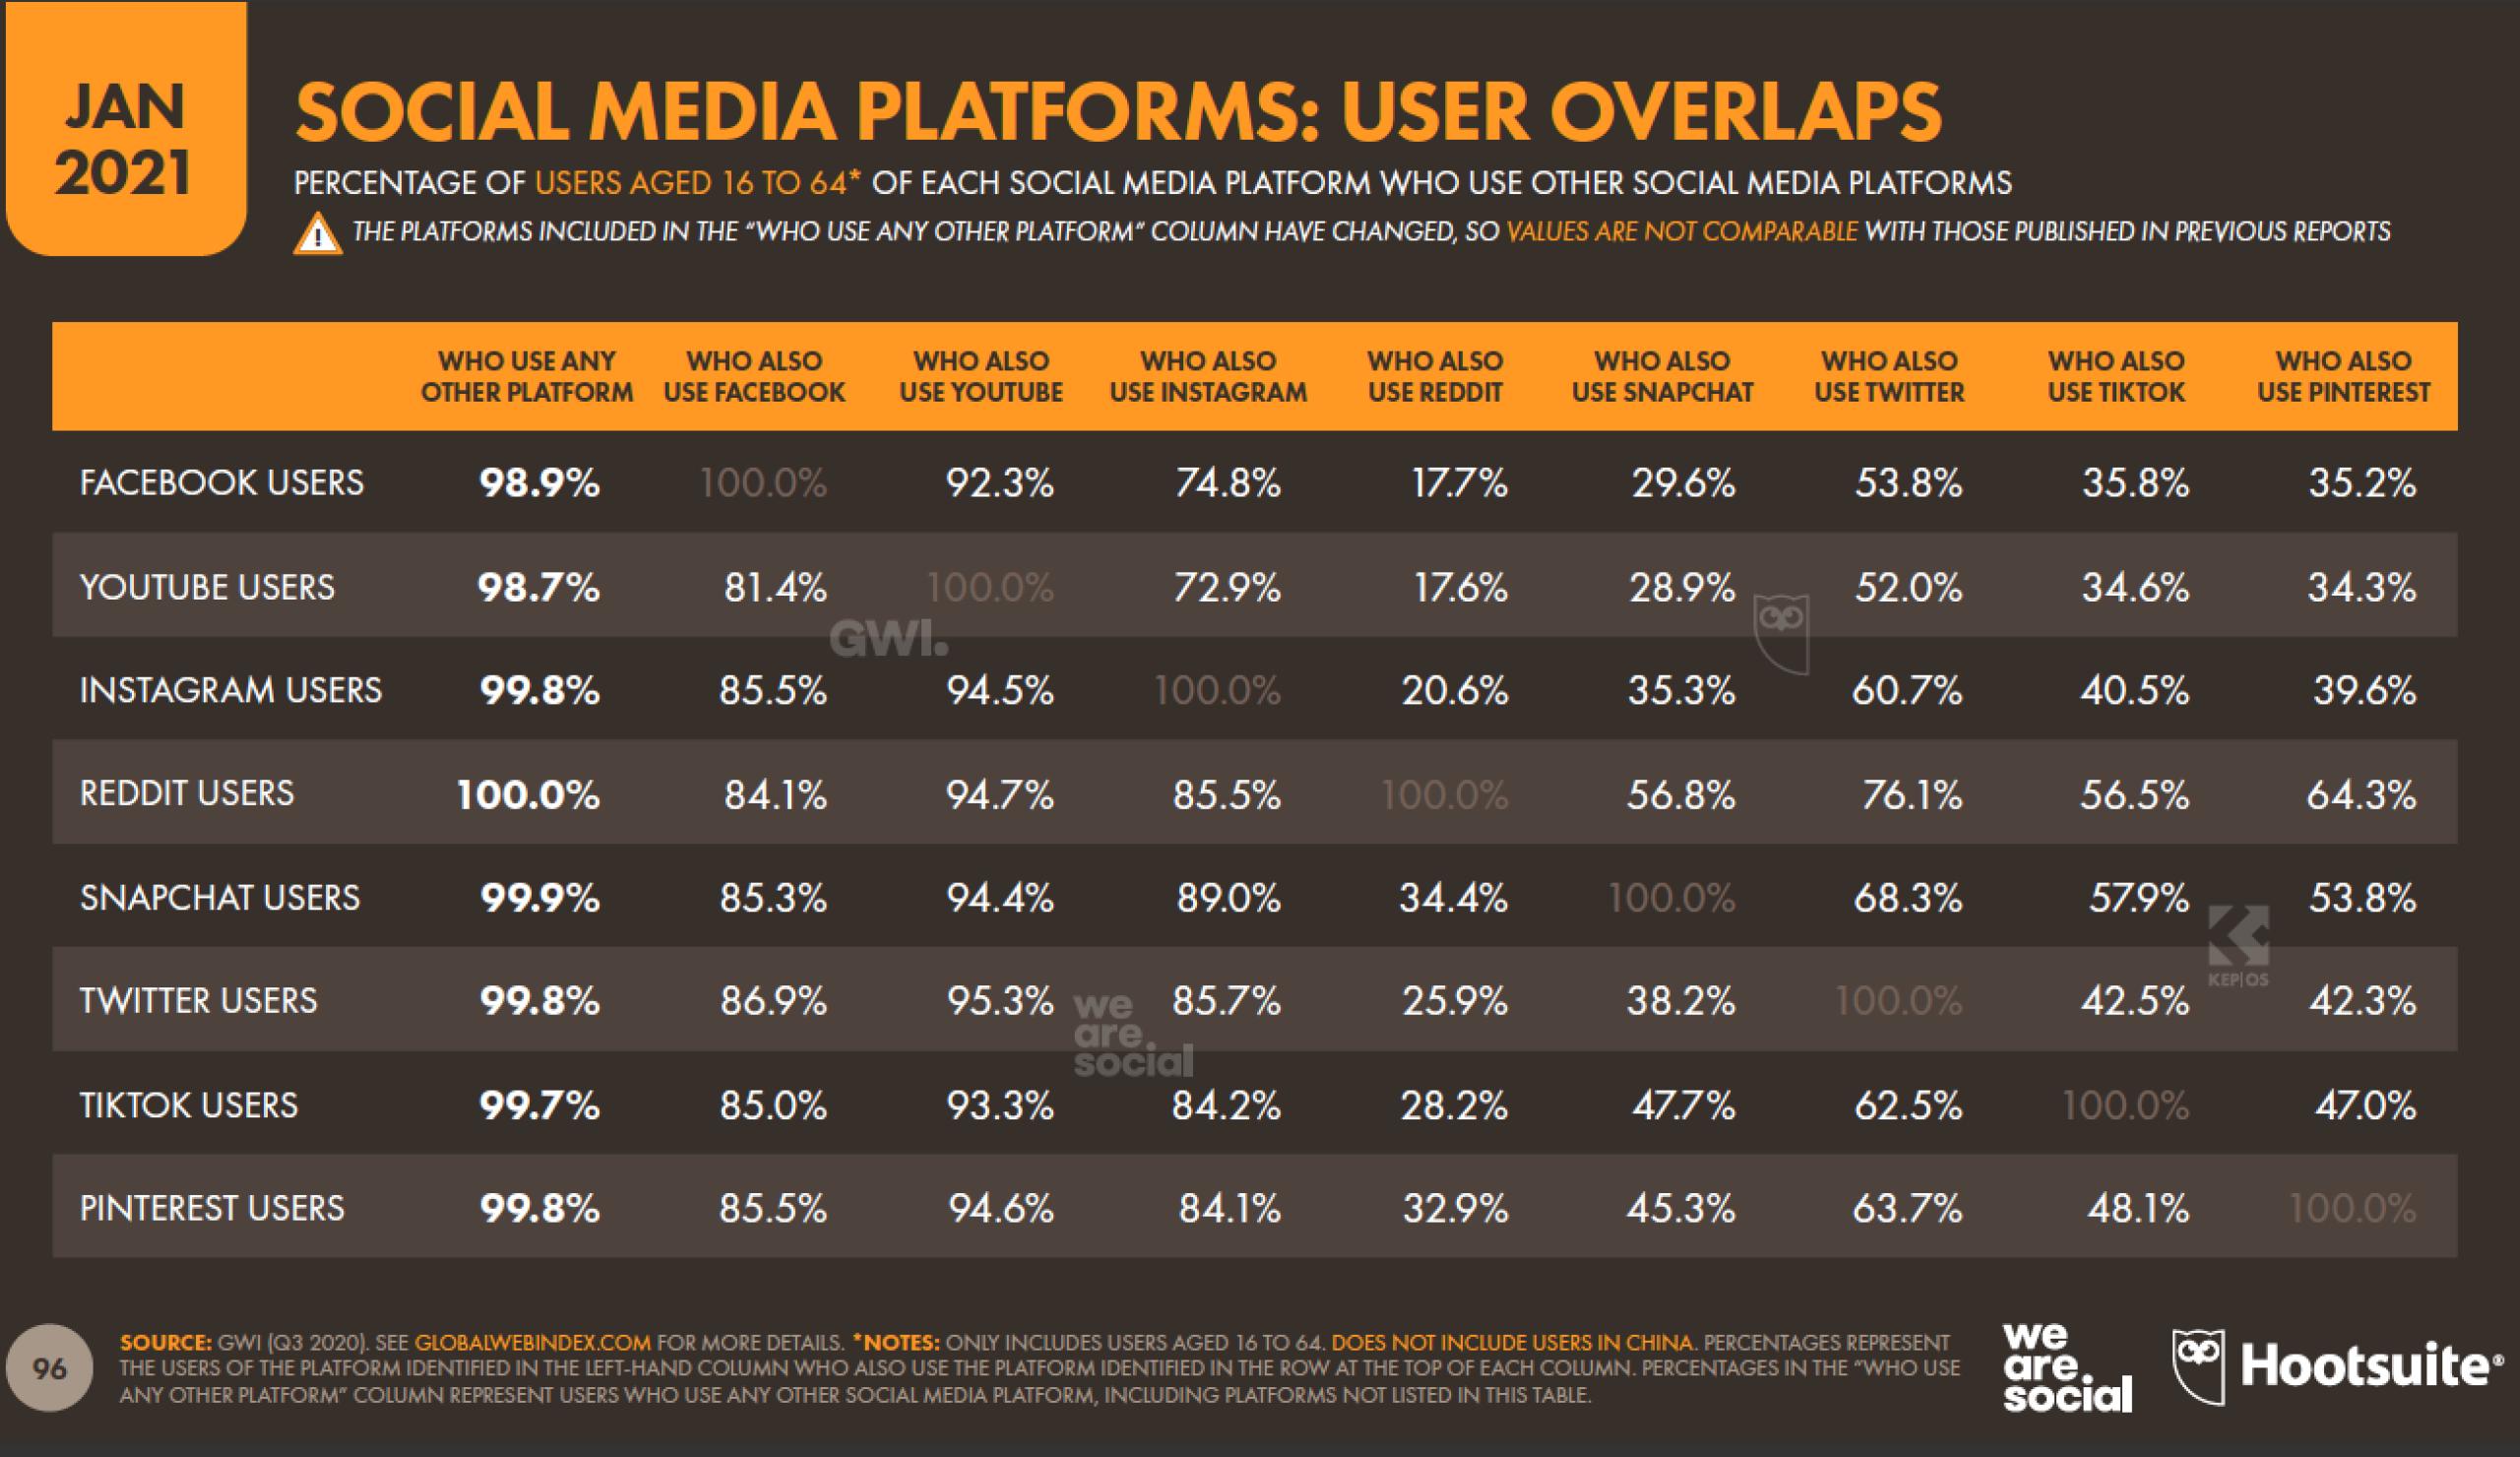 user overlaps on social media platforms